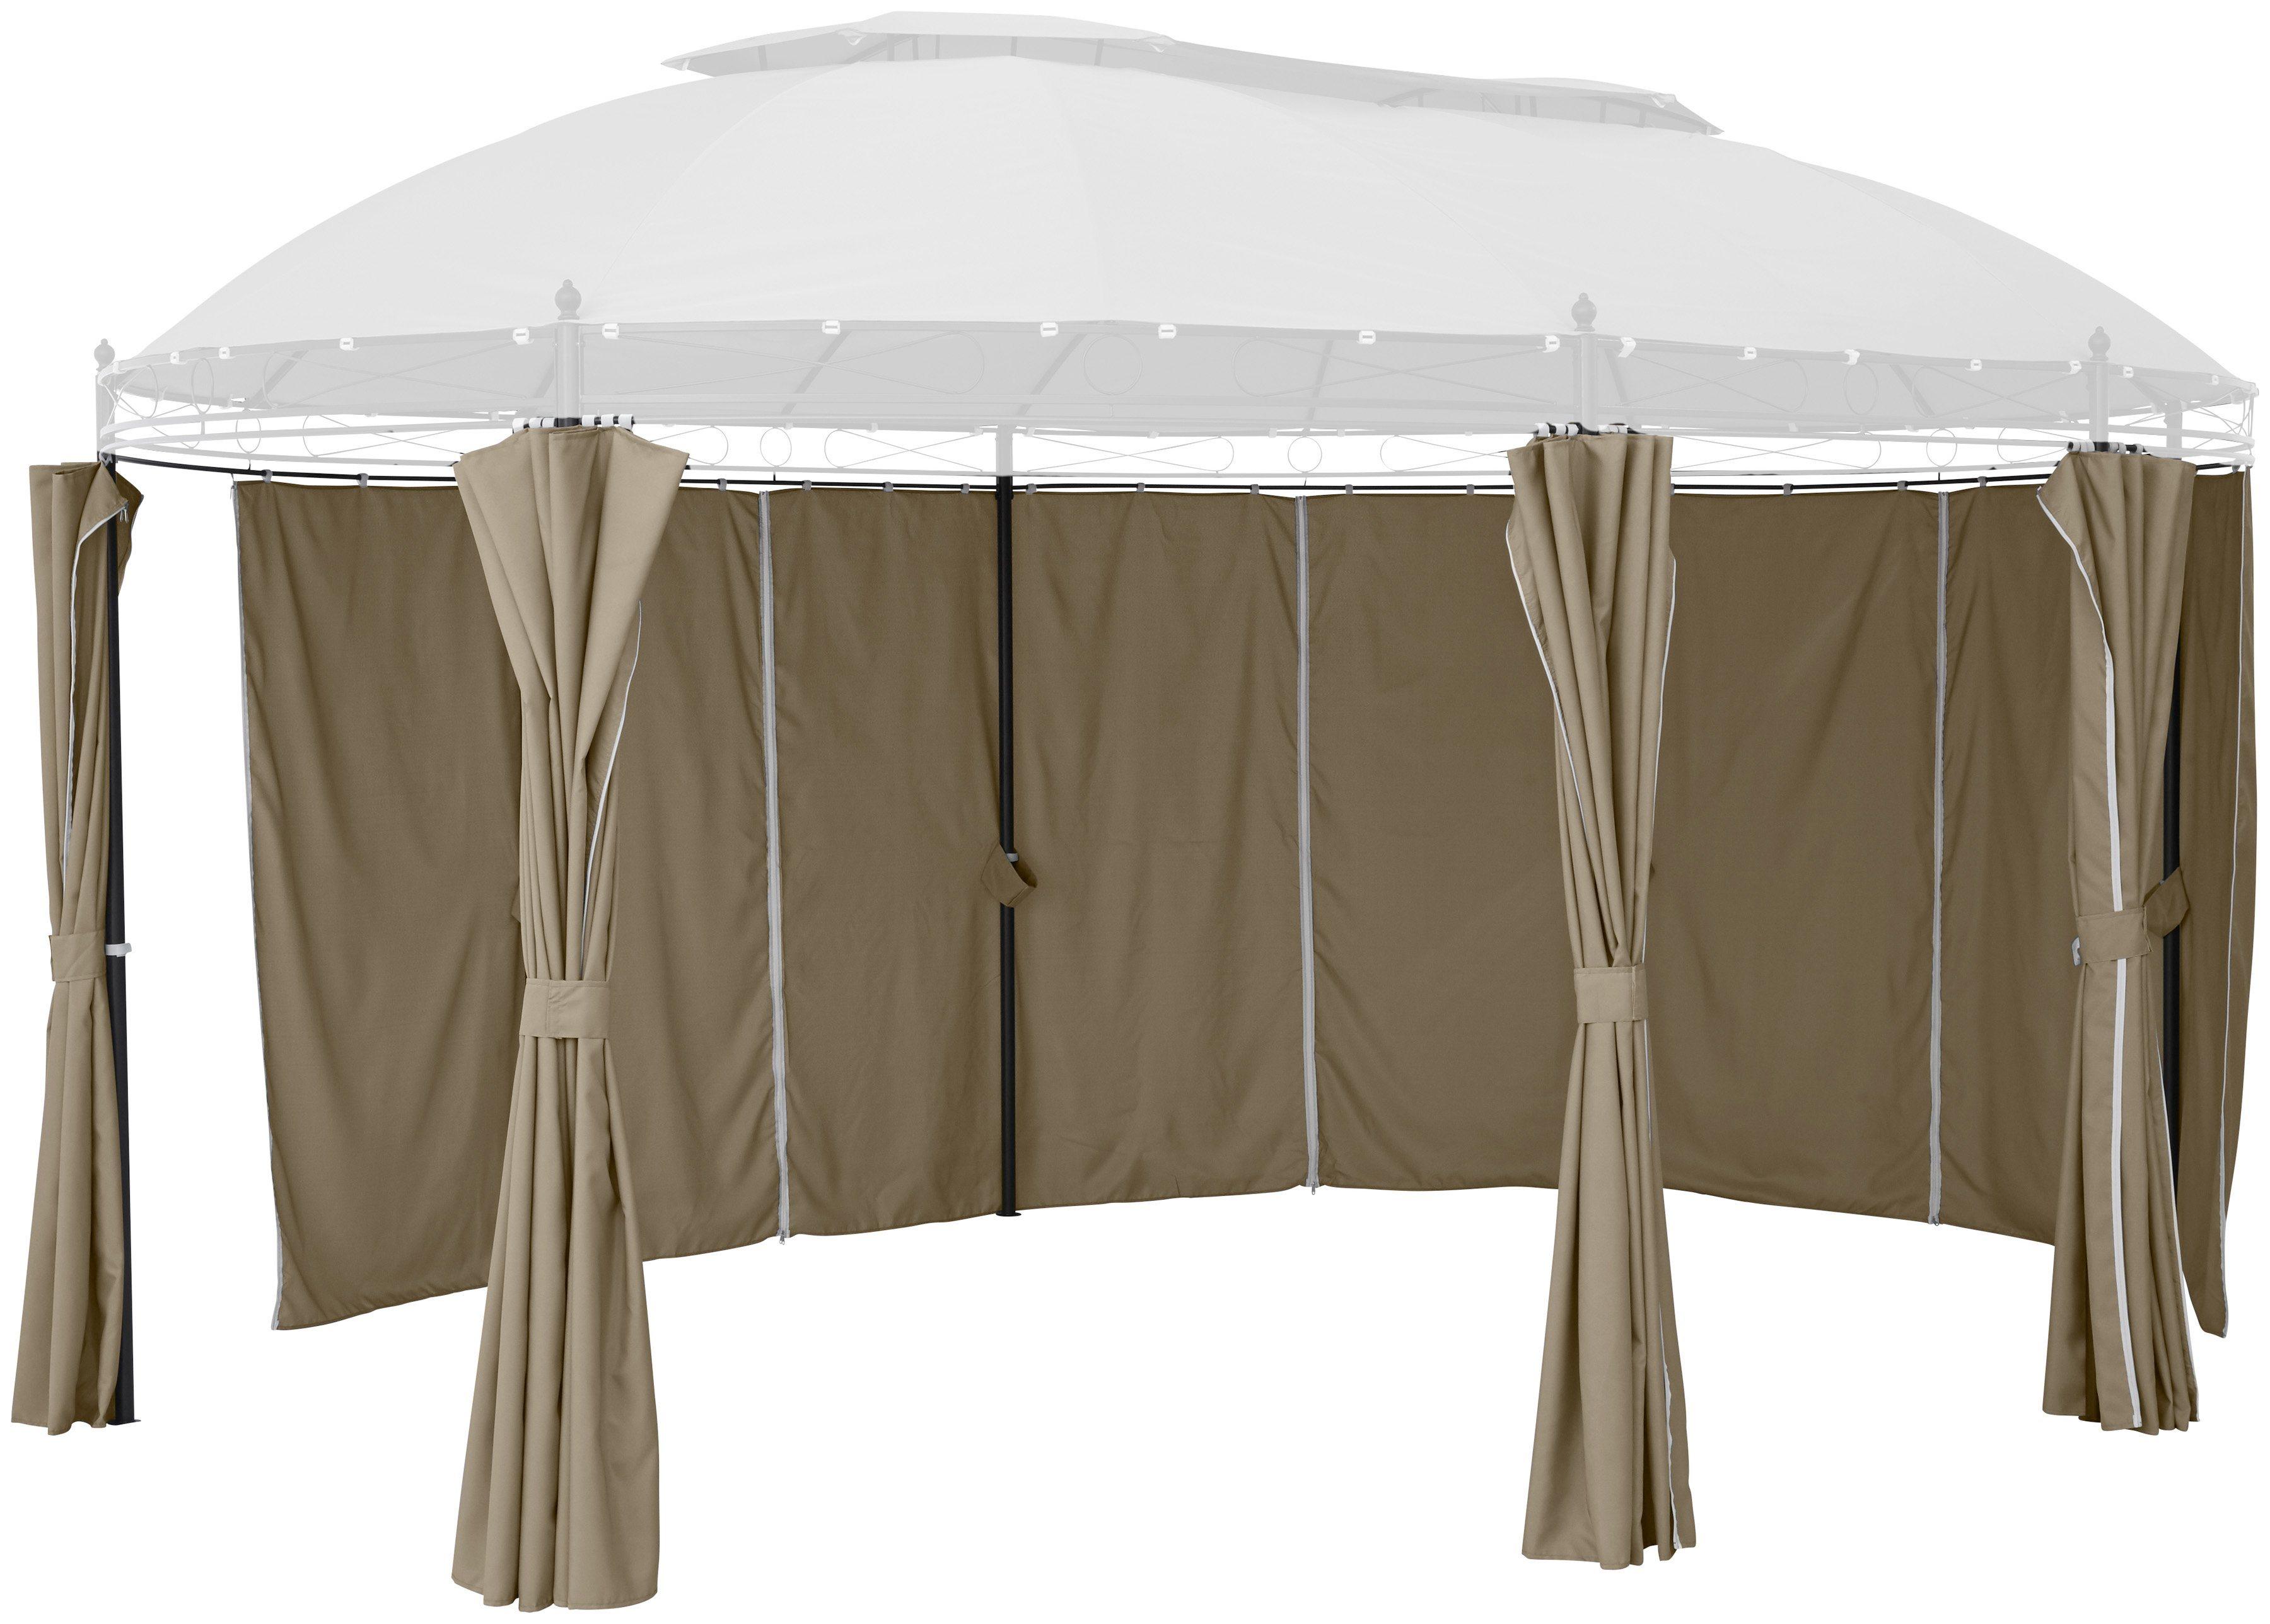 Seitenteile für Pavillon »Oval«, beige, 6 Stk   Garten > Pavillons   Polyester